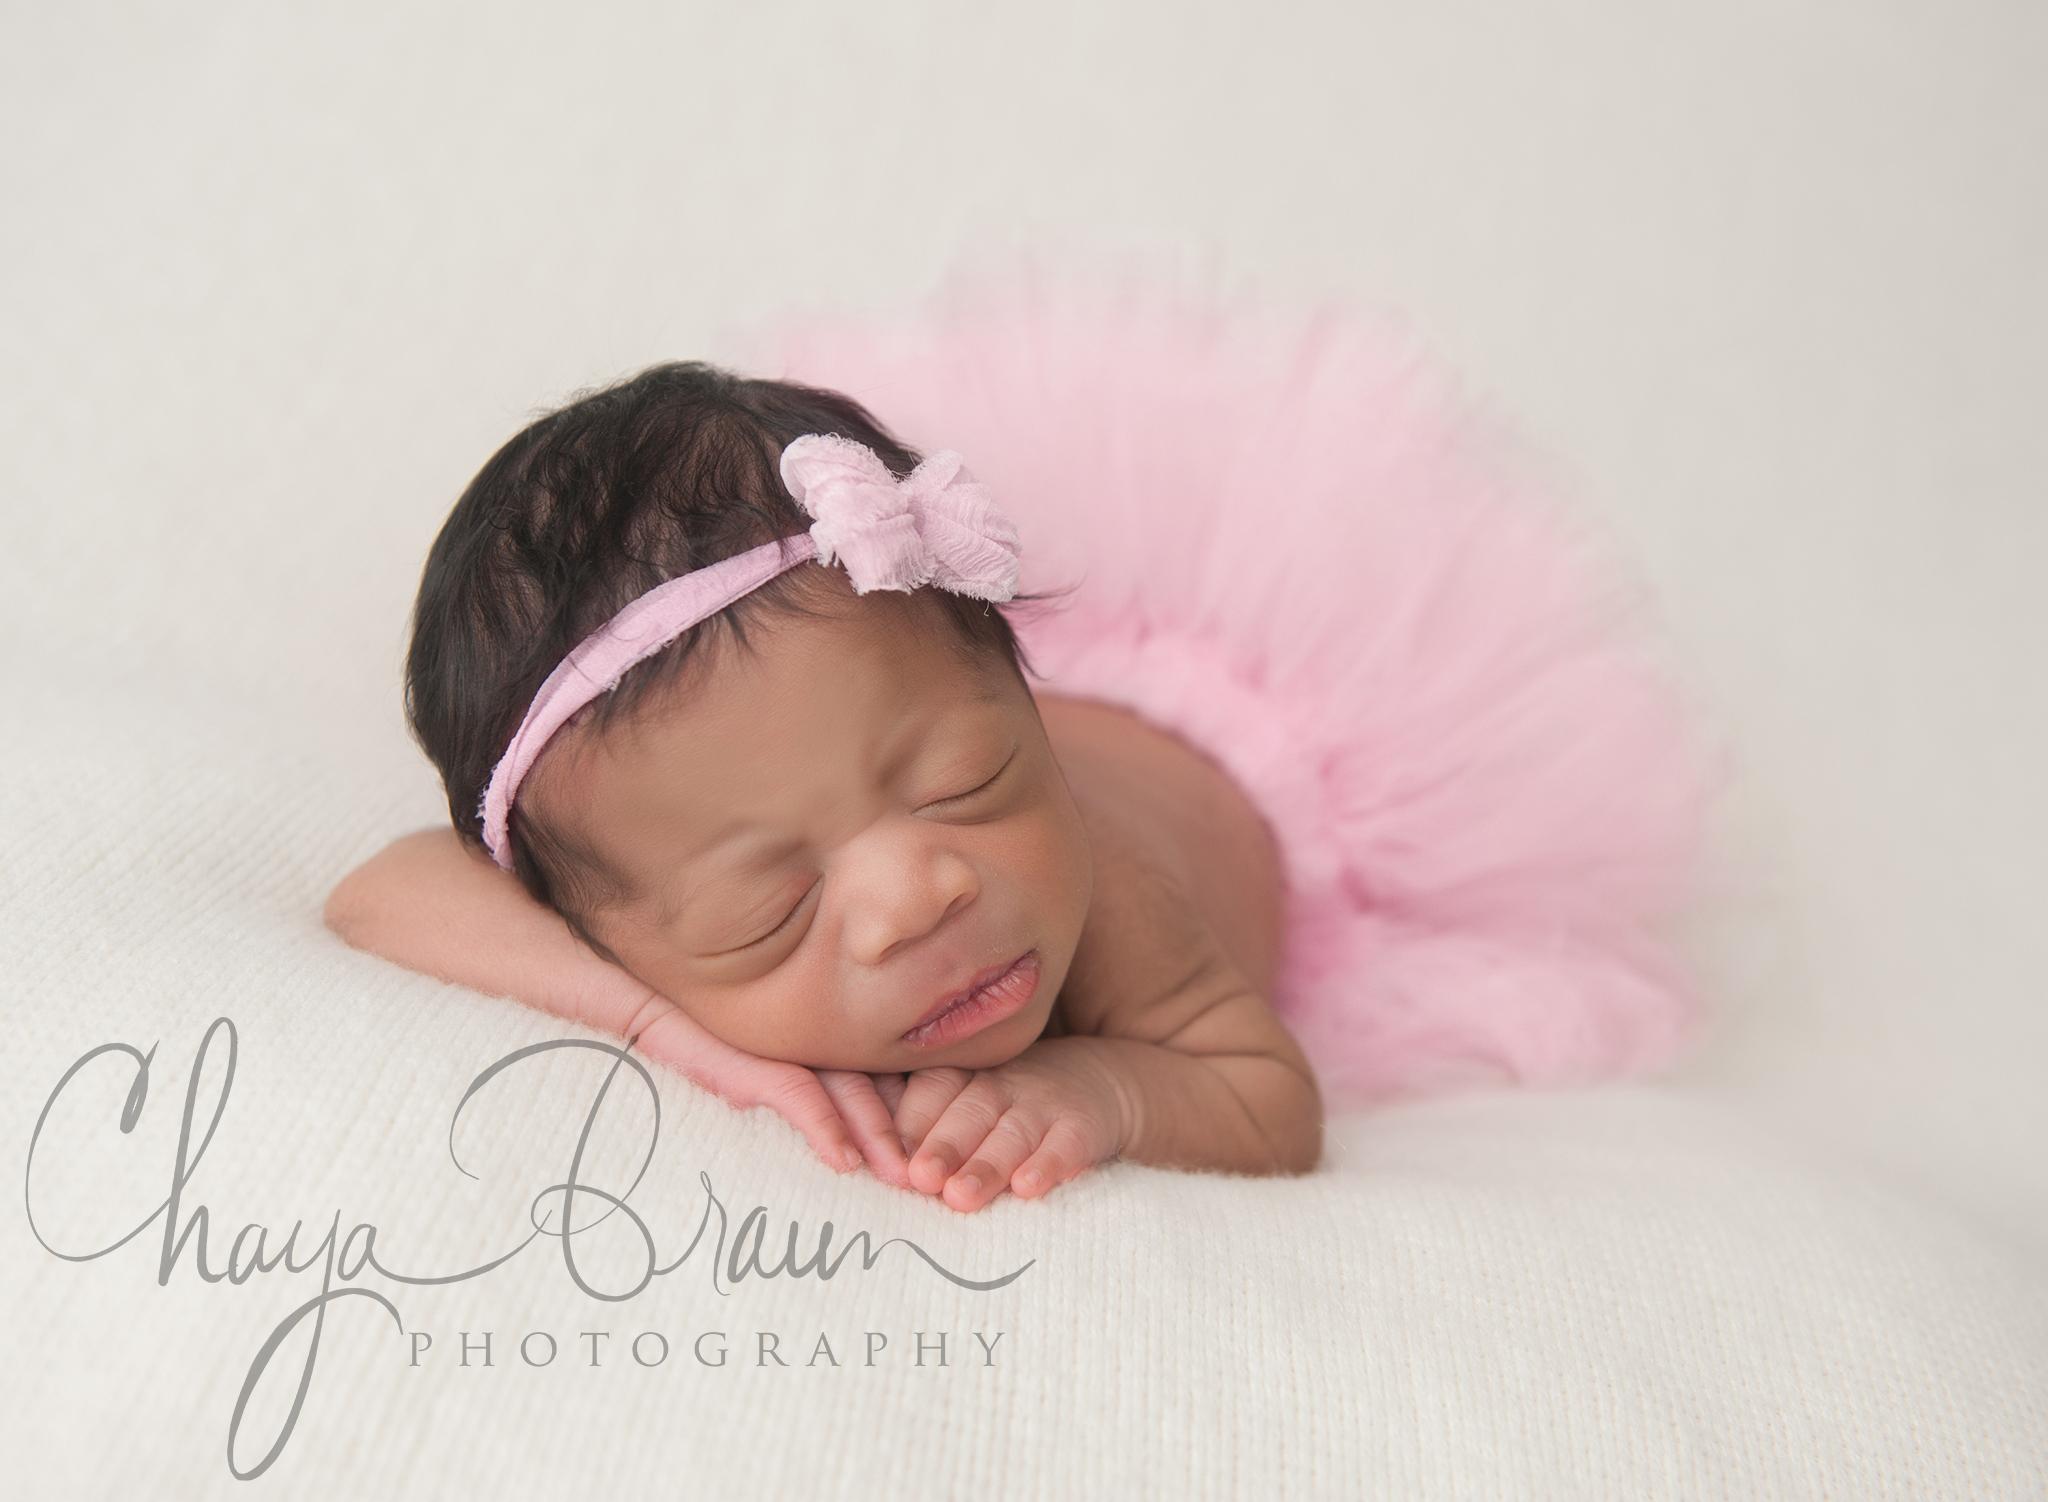 newborn baby wearing tutu